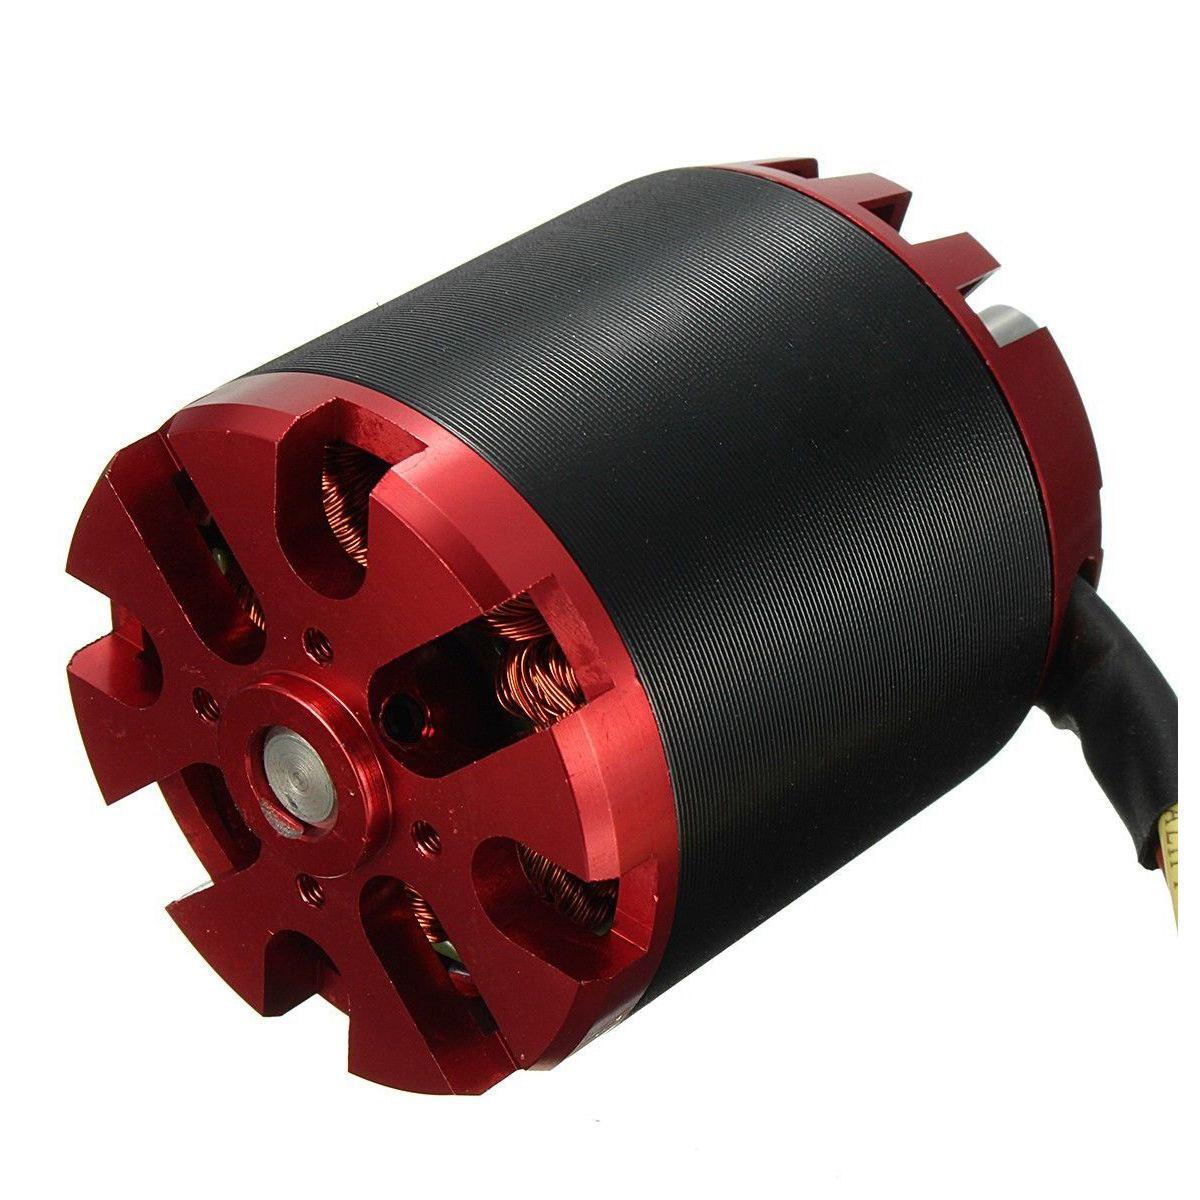 New Brushless Outrunner Motor N5065 320KV For DIY Electric Skate Board Kit